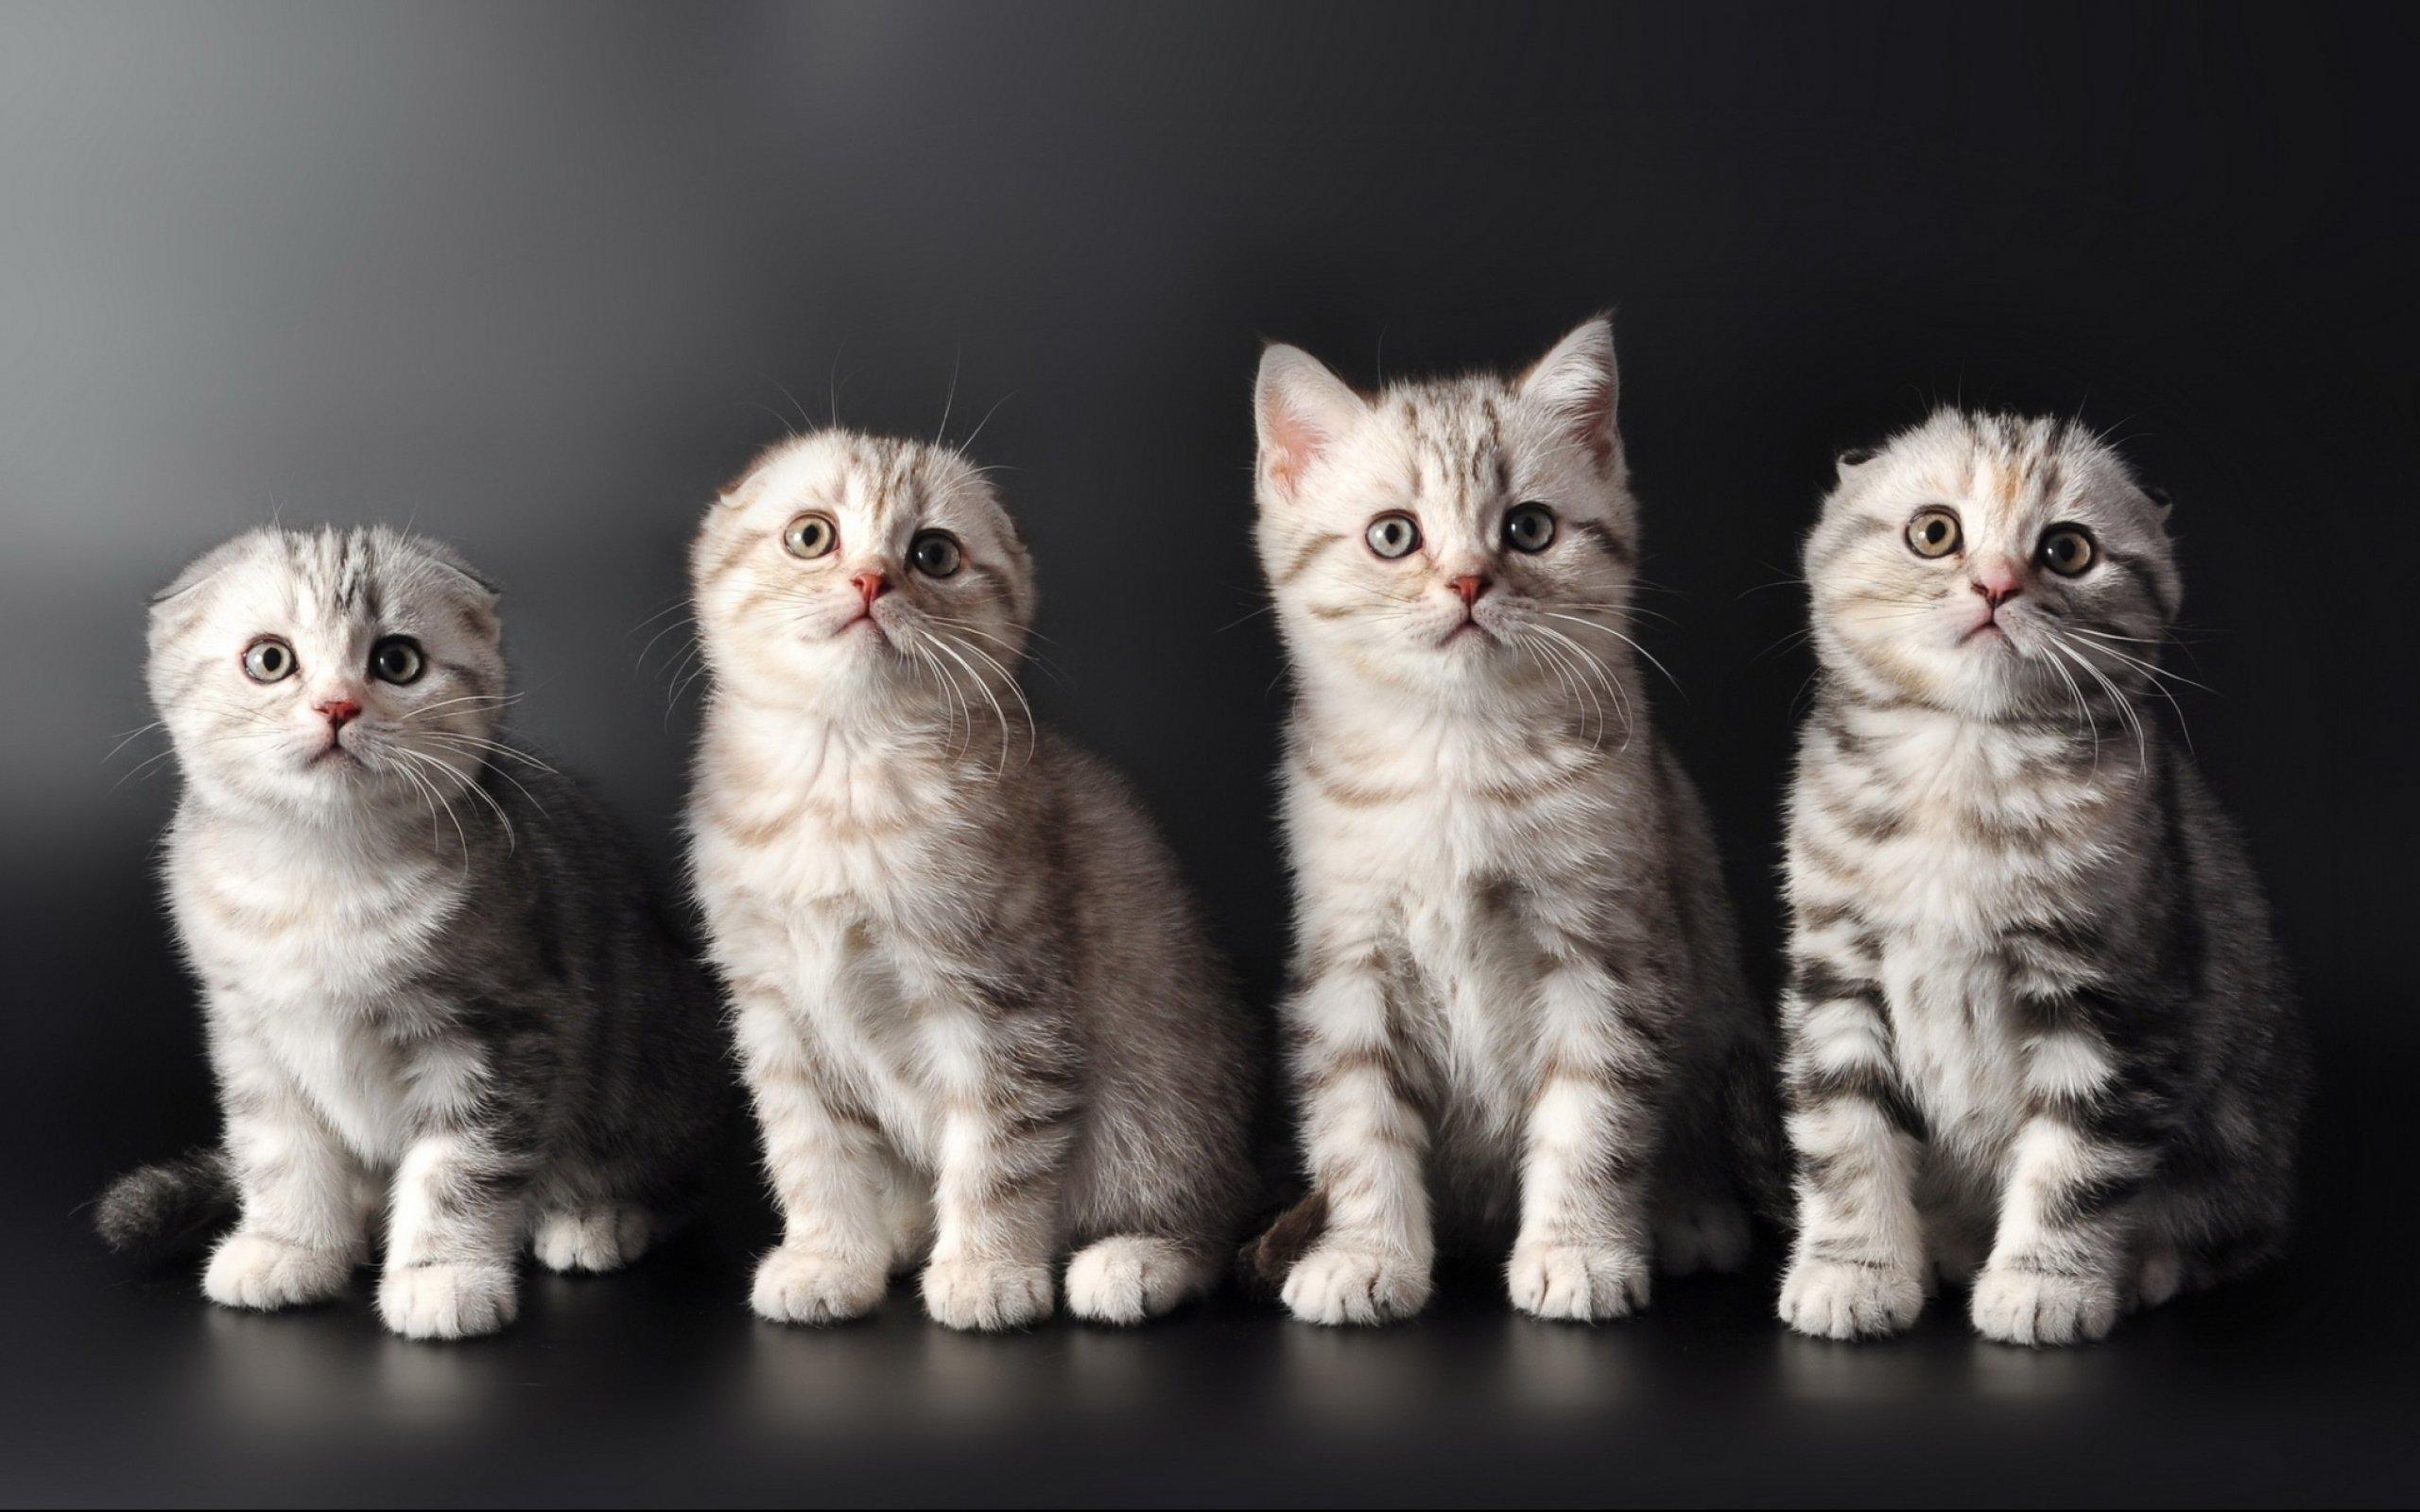 Kittens Kitten Cat Cats Baby Cute S Wallpaper 2560x1600 708296 Wallpaperup